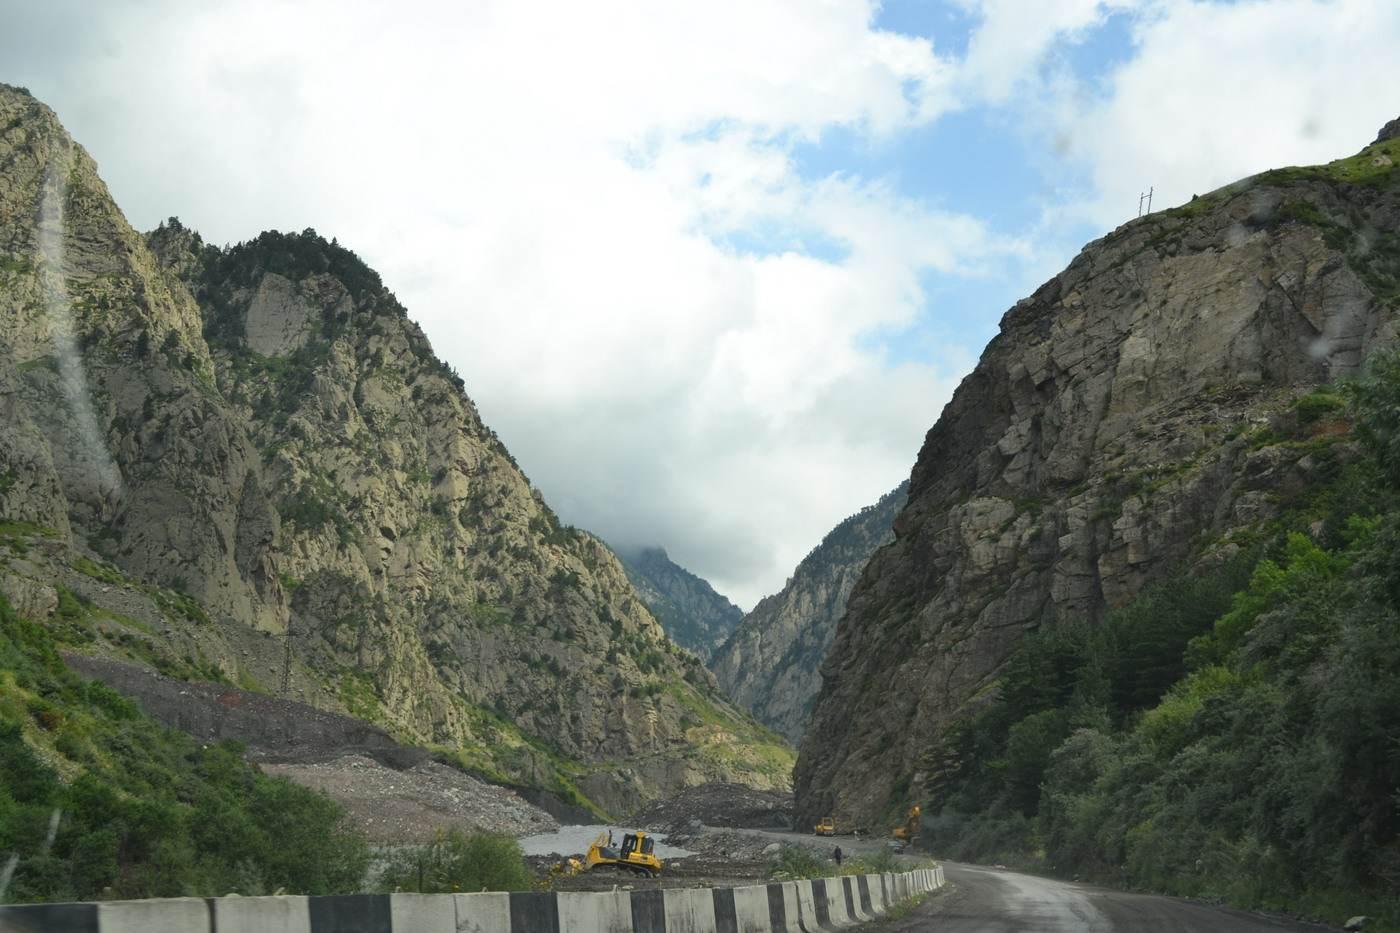 грузия, асетия, горный перевал который завалило